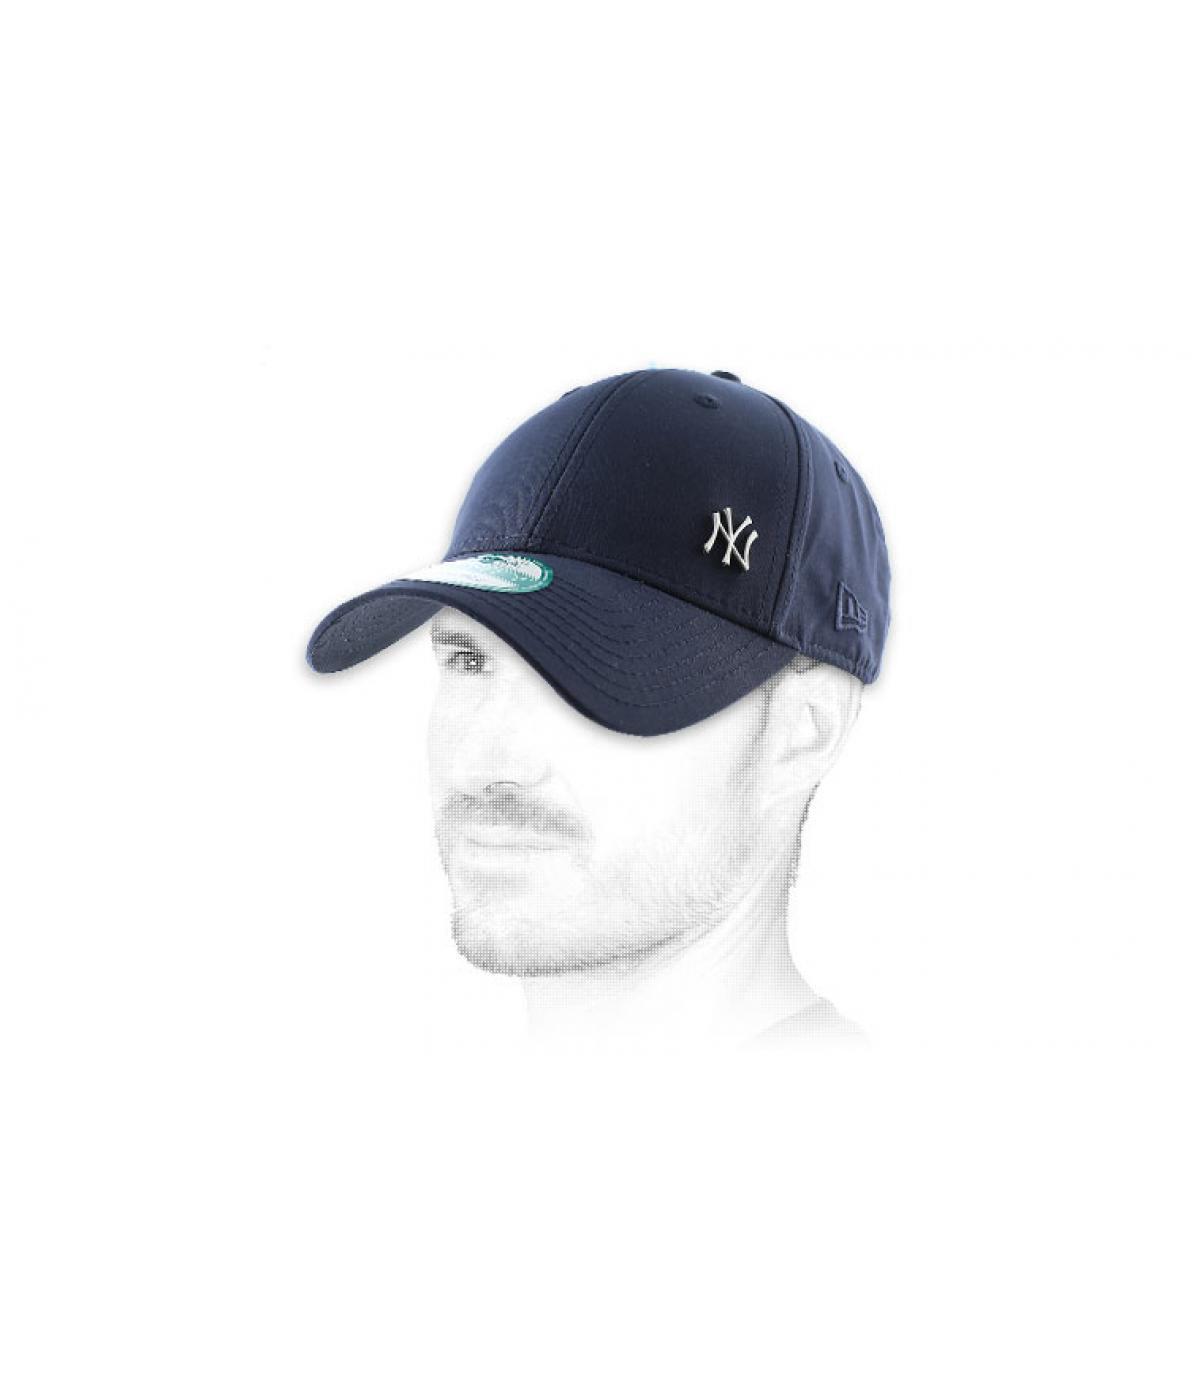 Trucker cap tiny NY